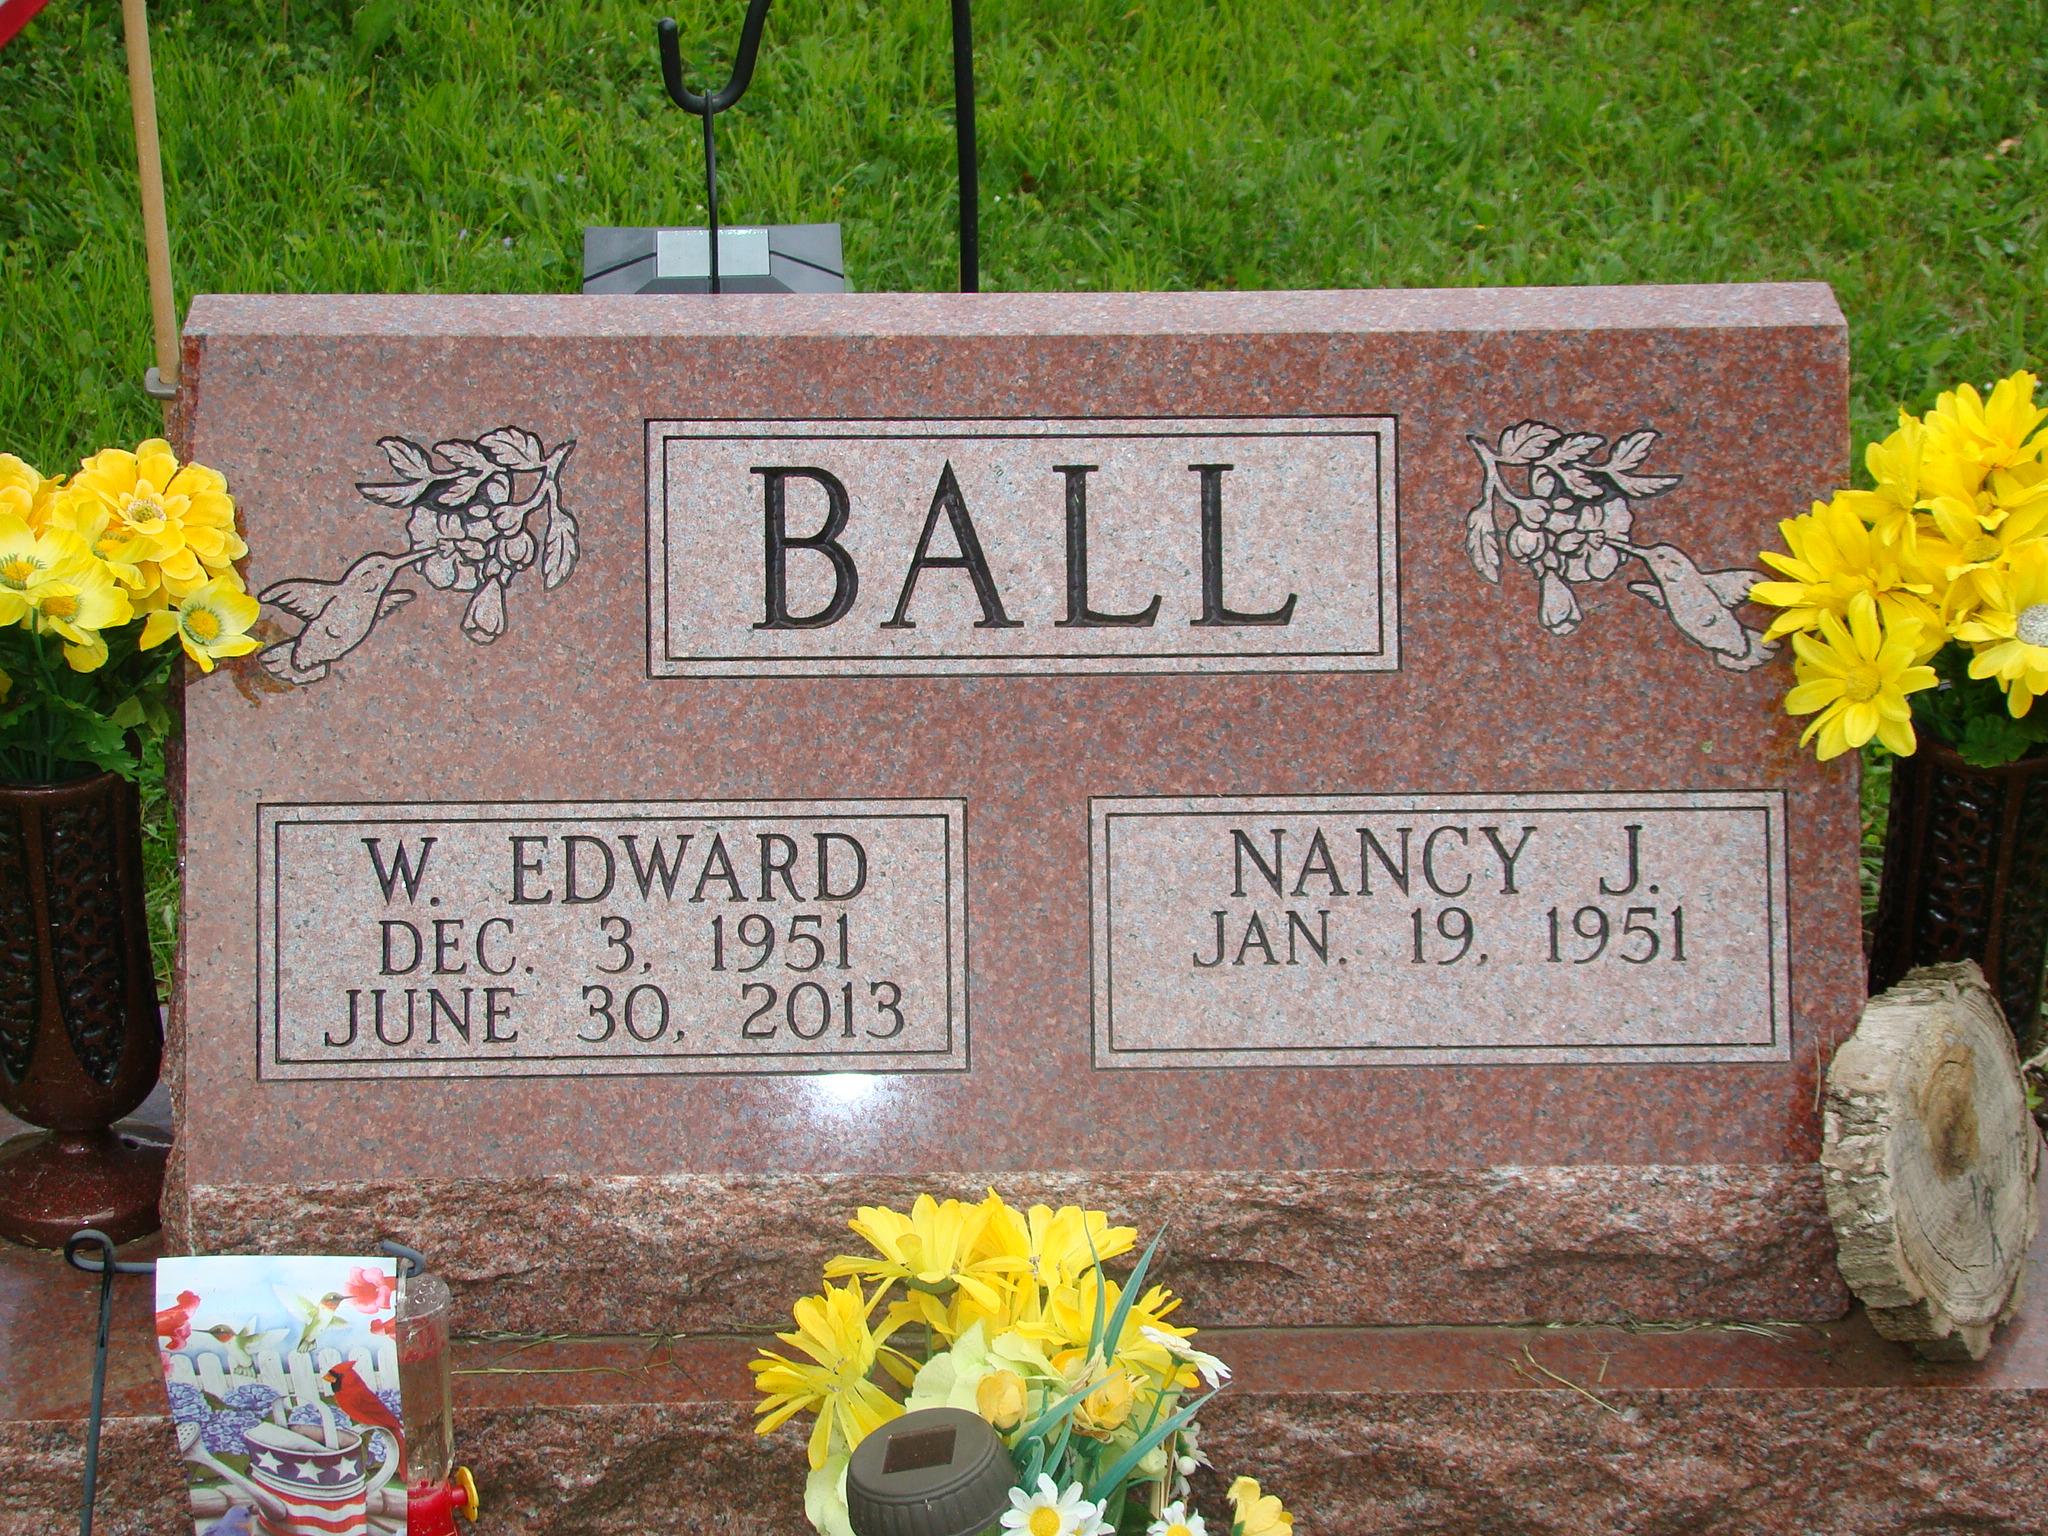 William Edward Ball, Jr